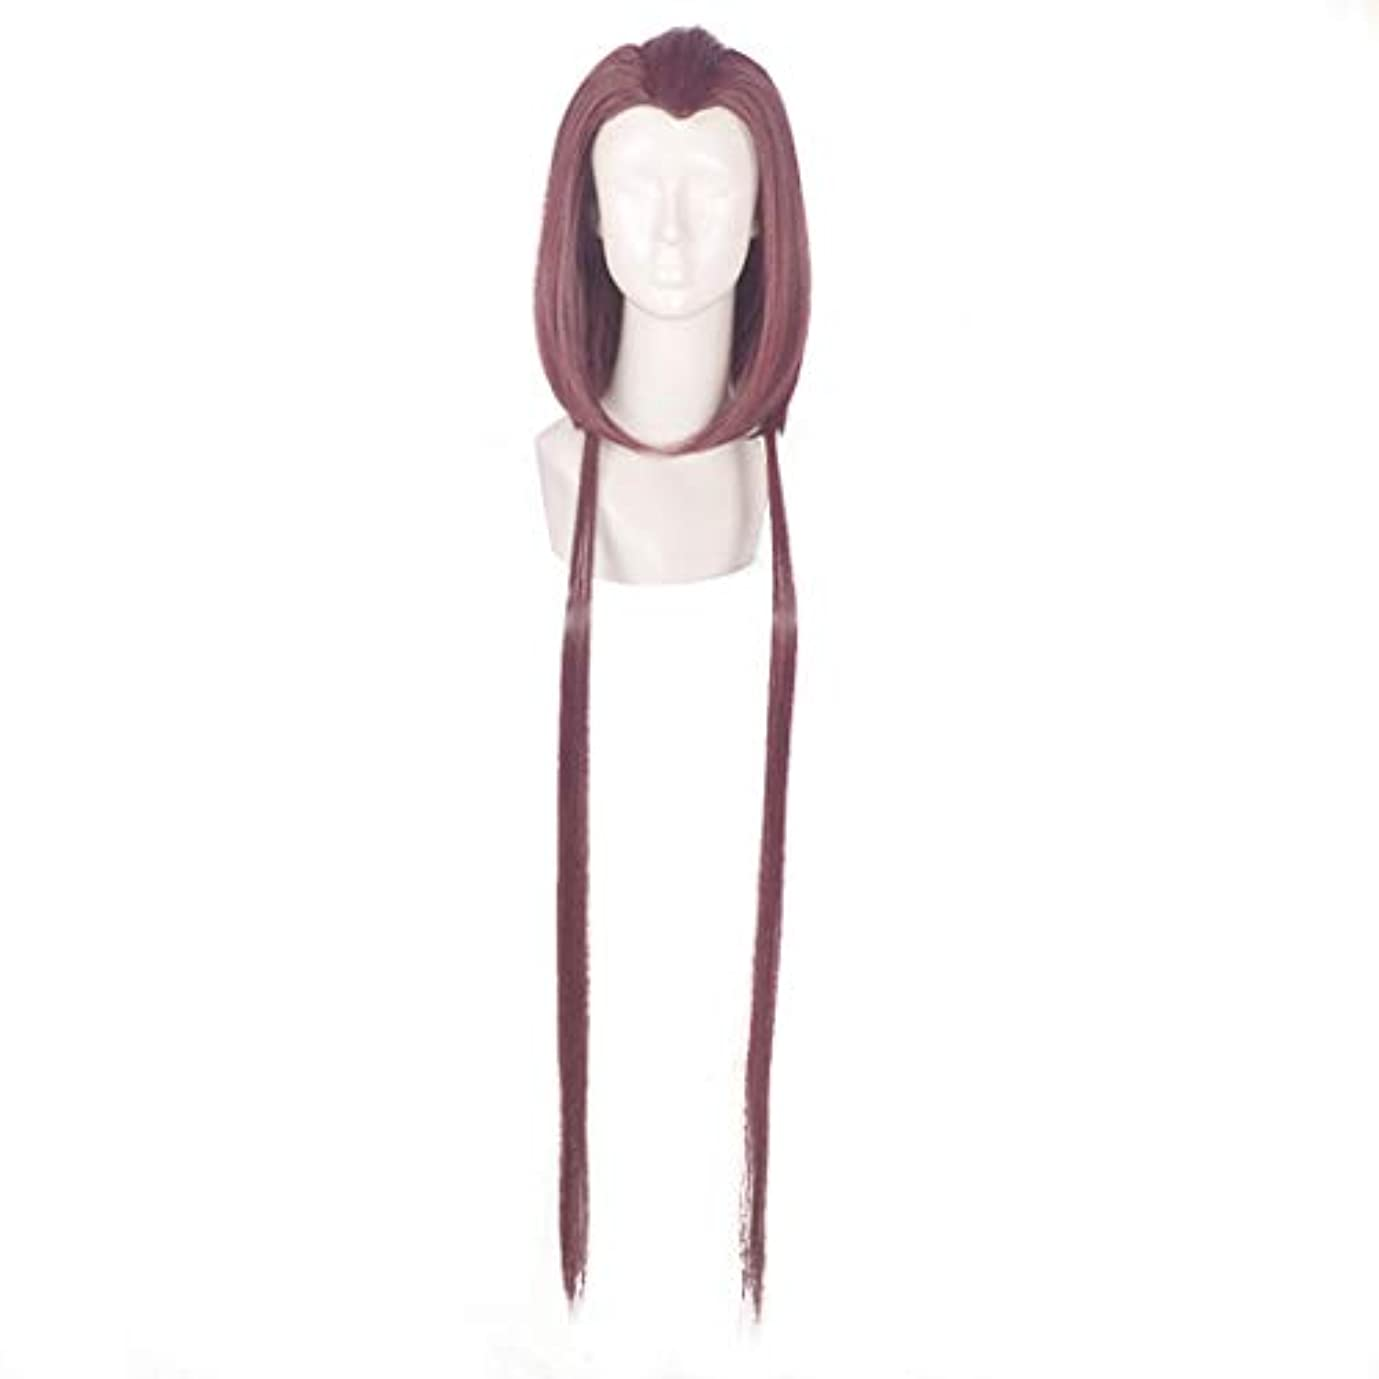 インタフェースシャンプー今日JIANFU コスプレウィッグパープル美容ヒントモデリングウィッグアニメキャラクター「コールドスモークソフト」ウィッグ (Color : Purple)